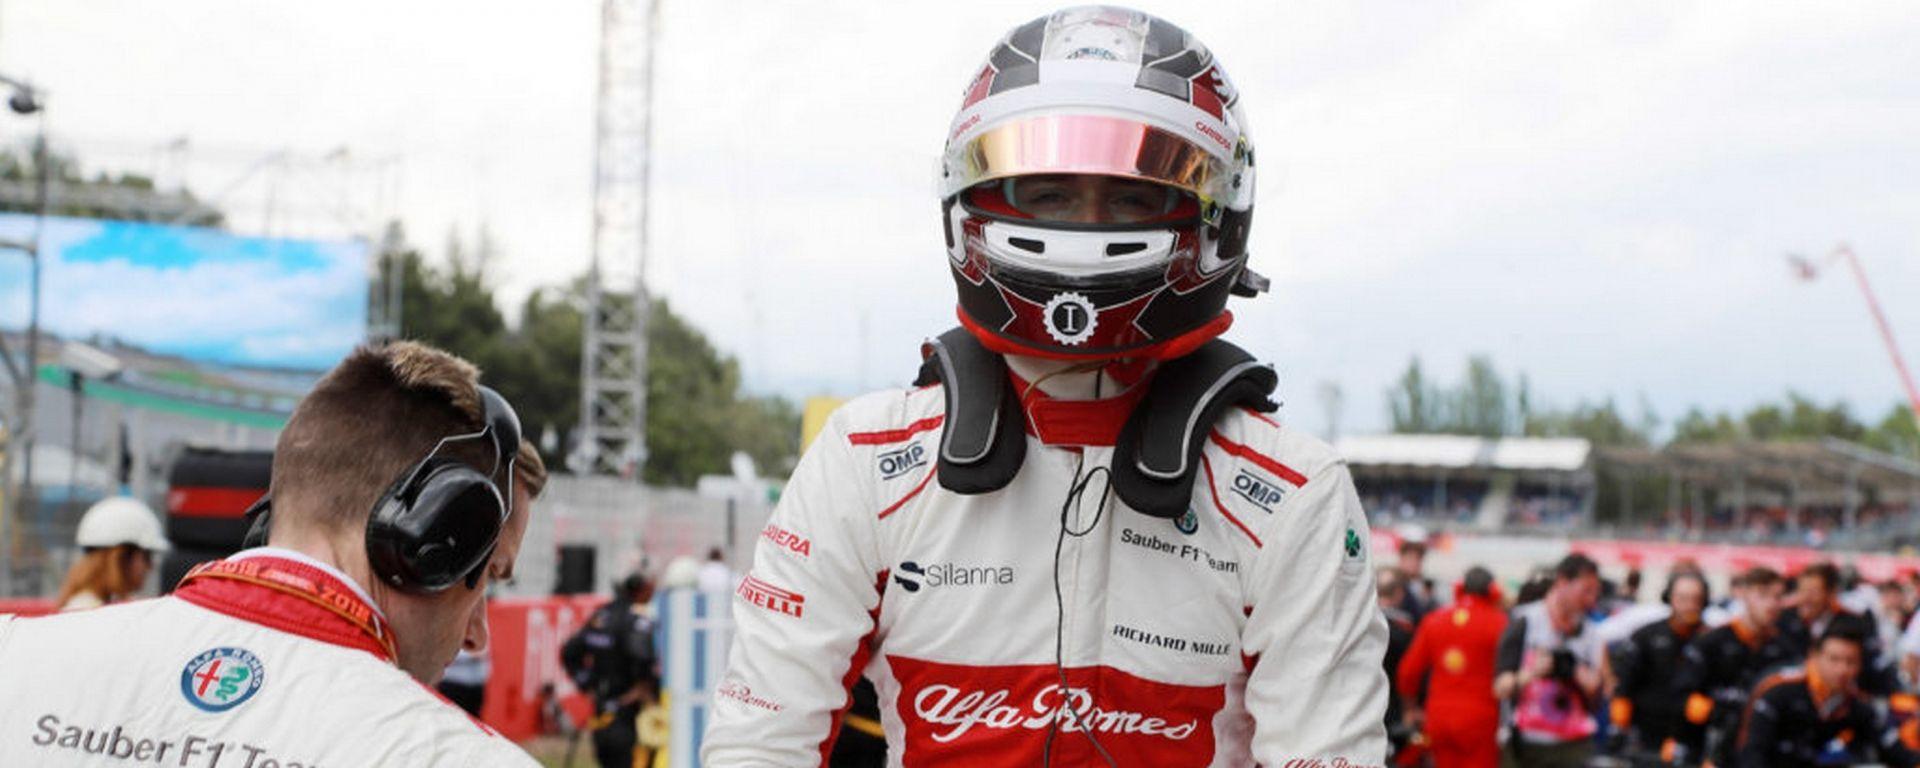 Charles Leclerc è all'esordio in F1, ma ha già fatto vedere numeri importanti